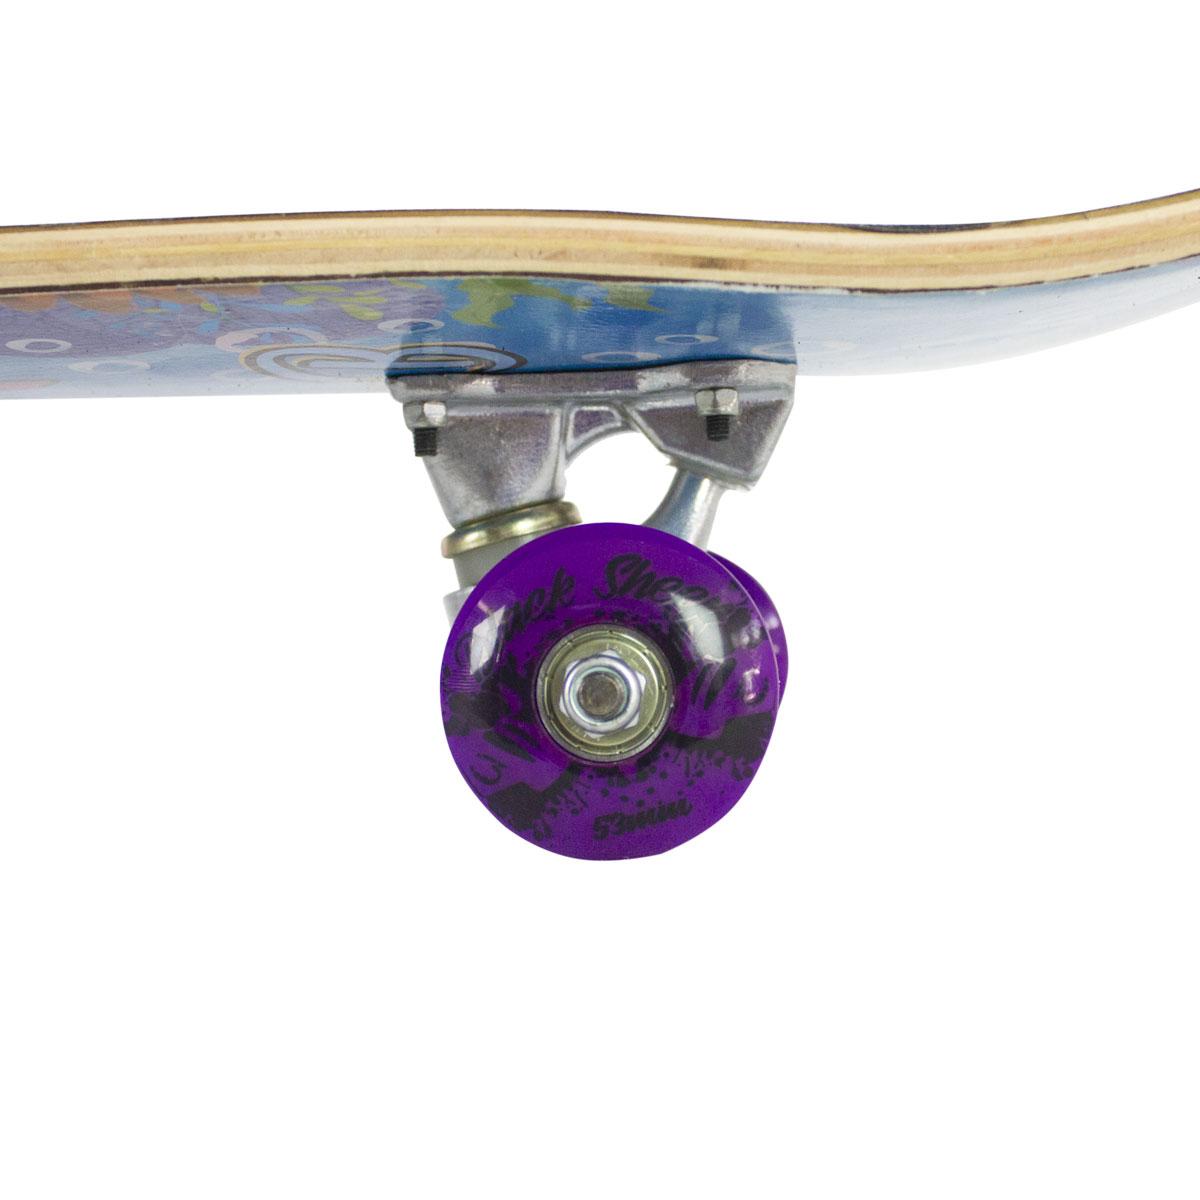 Skate Iniciante Completo Montado